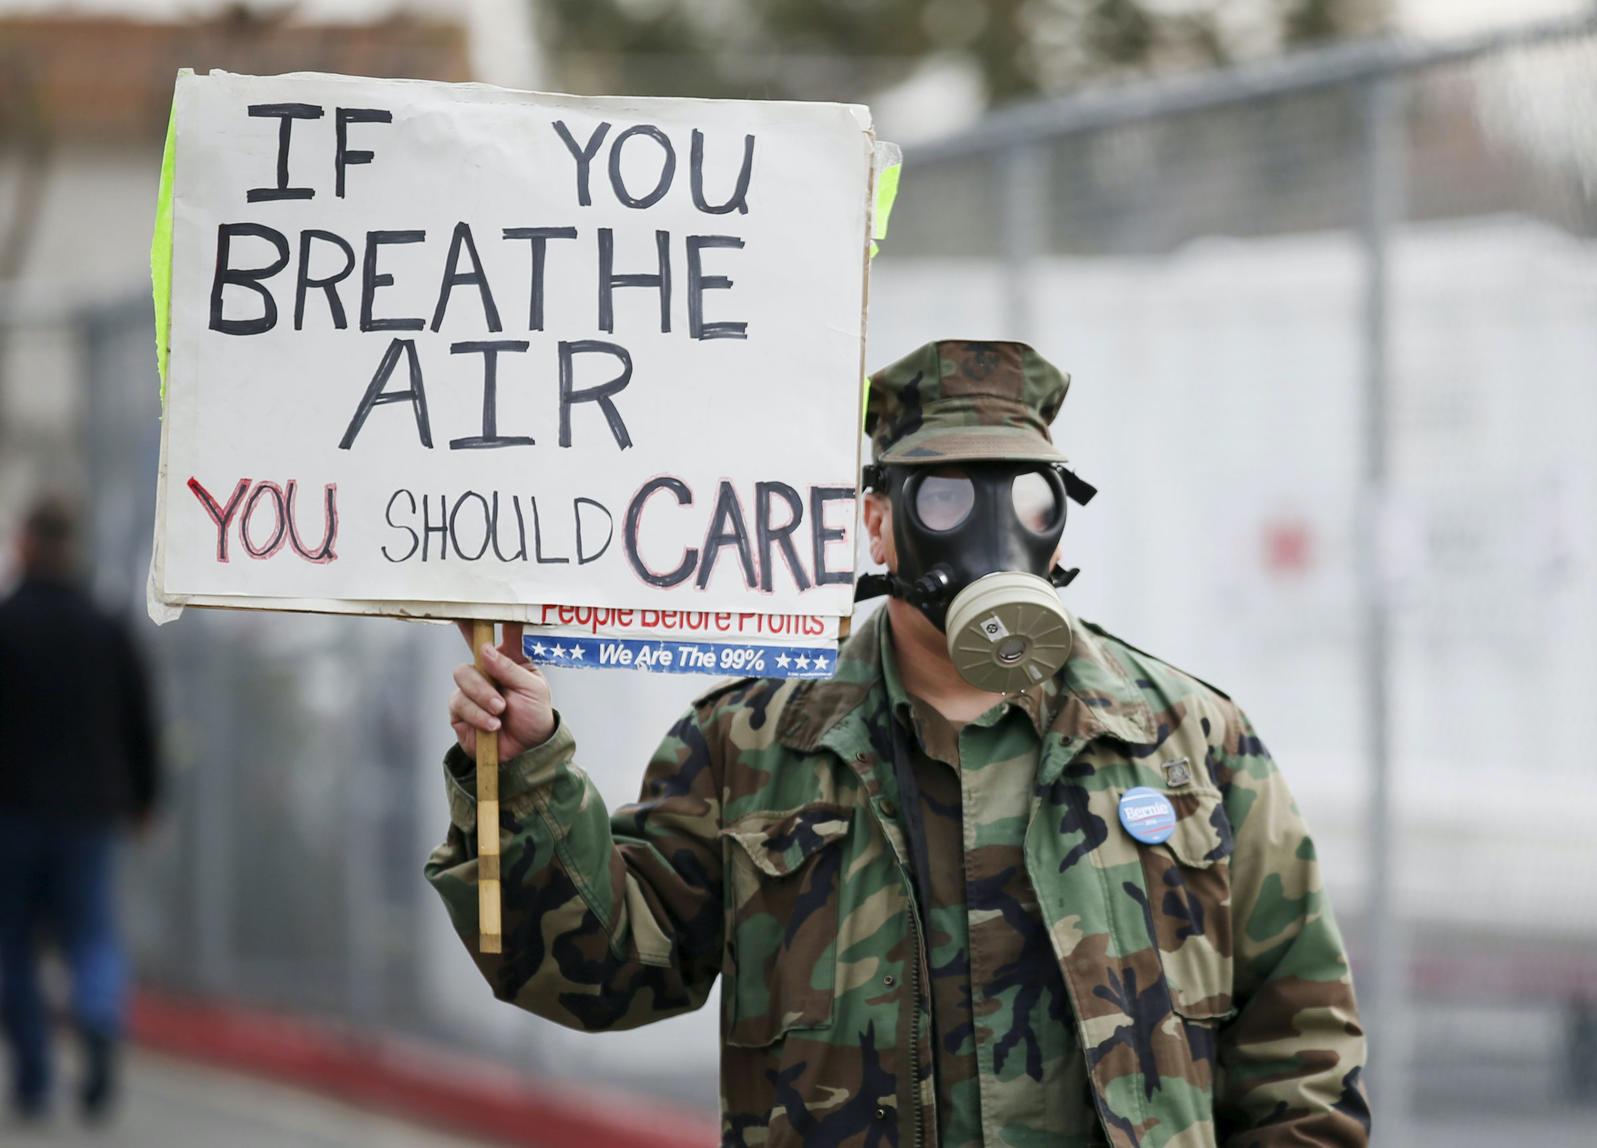 Photo of protestor at Aliso Canyon natural gas storage facility October 2015. Photo courtesy AP.